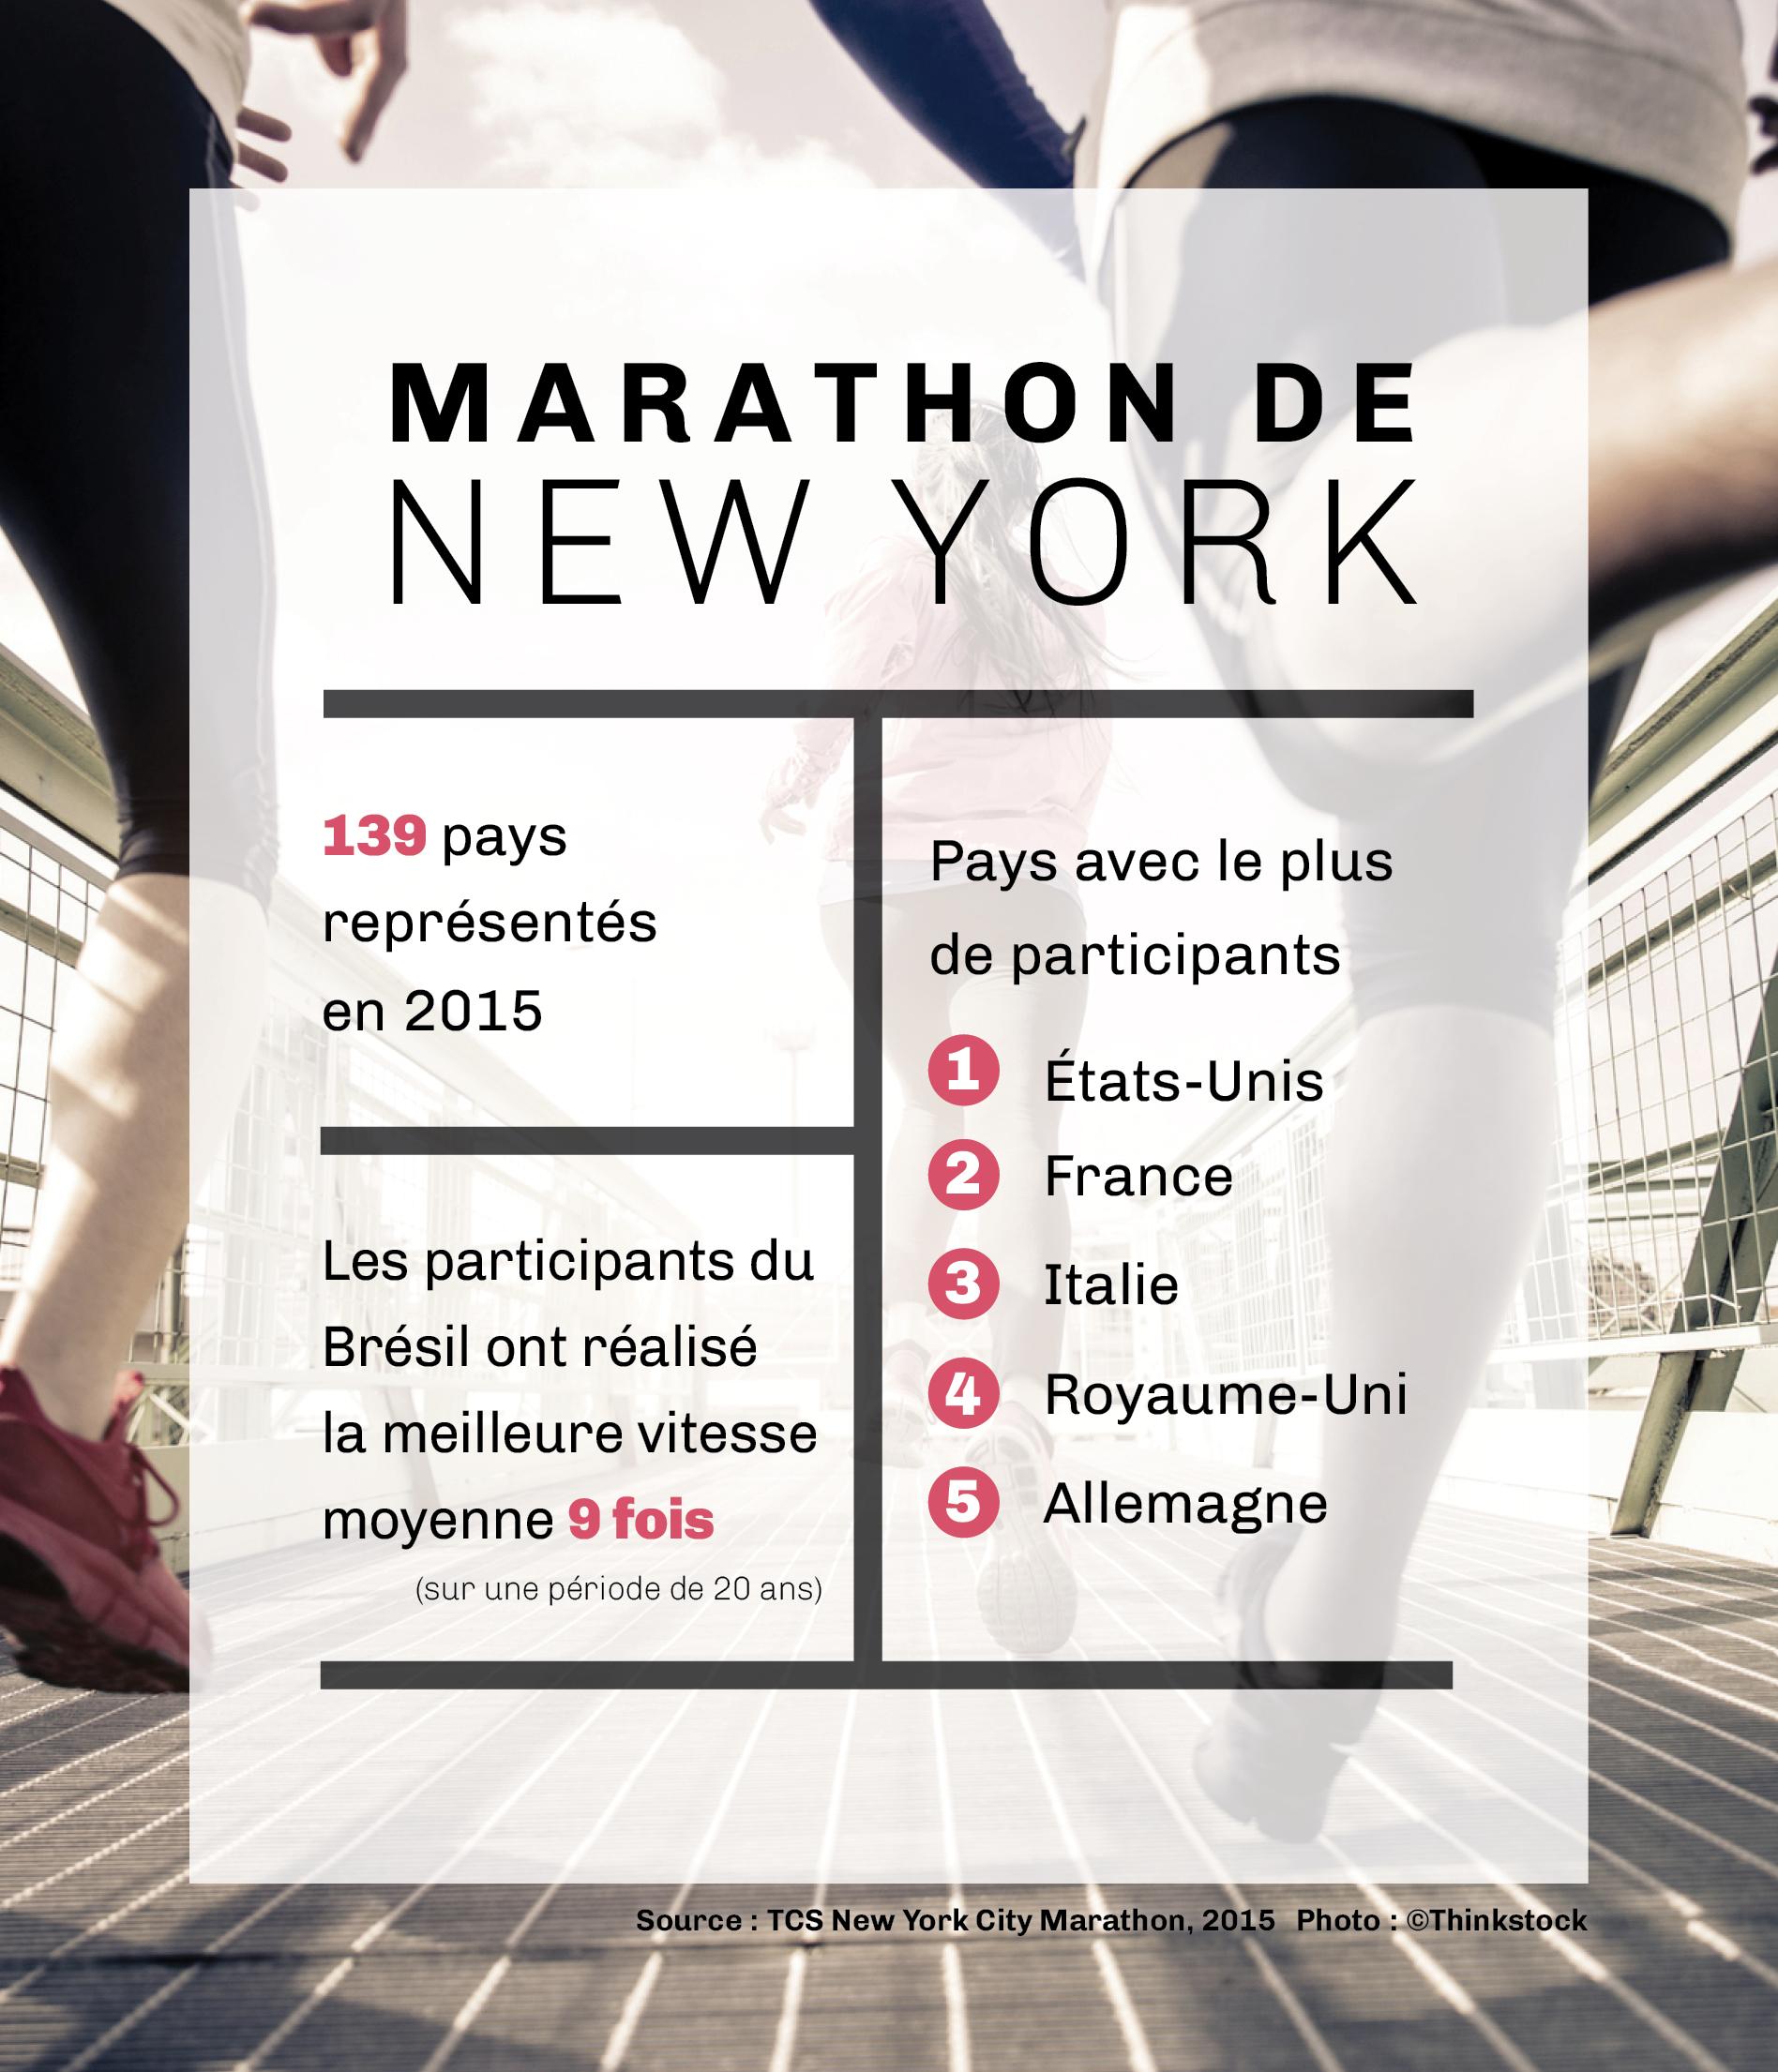 Graphique comportant des statistiques sur le marathon de New York, avec une photo de coureurs en arrière-plan (Département d'État/J. Maruszewski/Thinkstock)